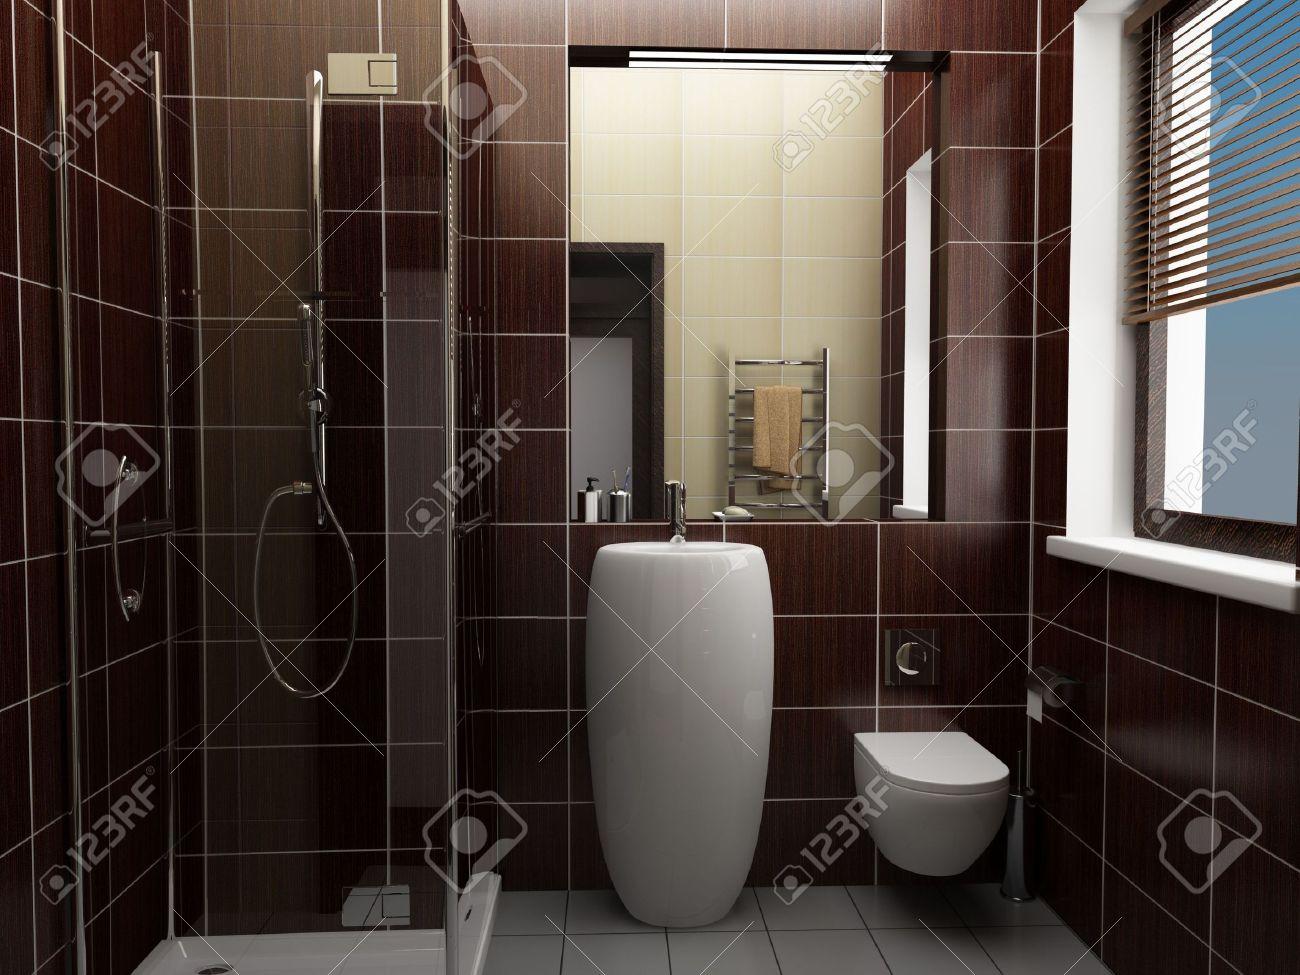 Bagno mattonelle marroni: piastrelle bagno mosaico marrone a ...